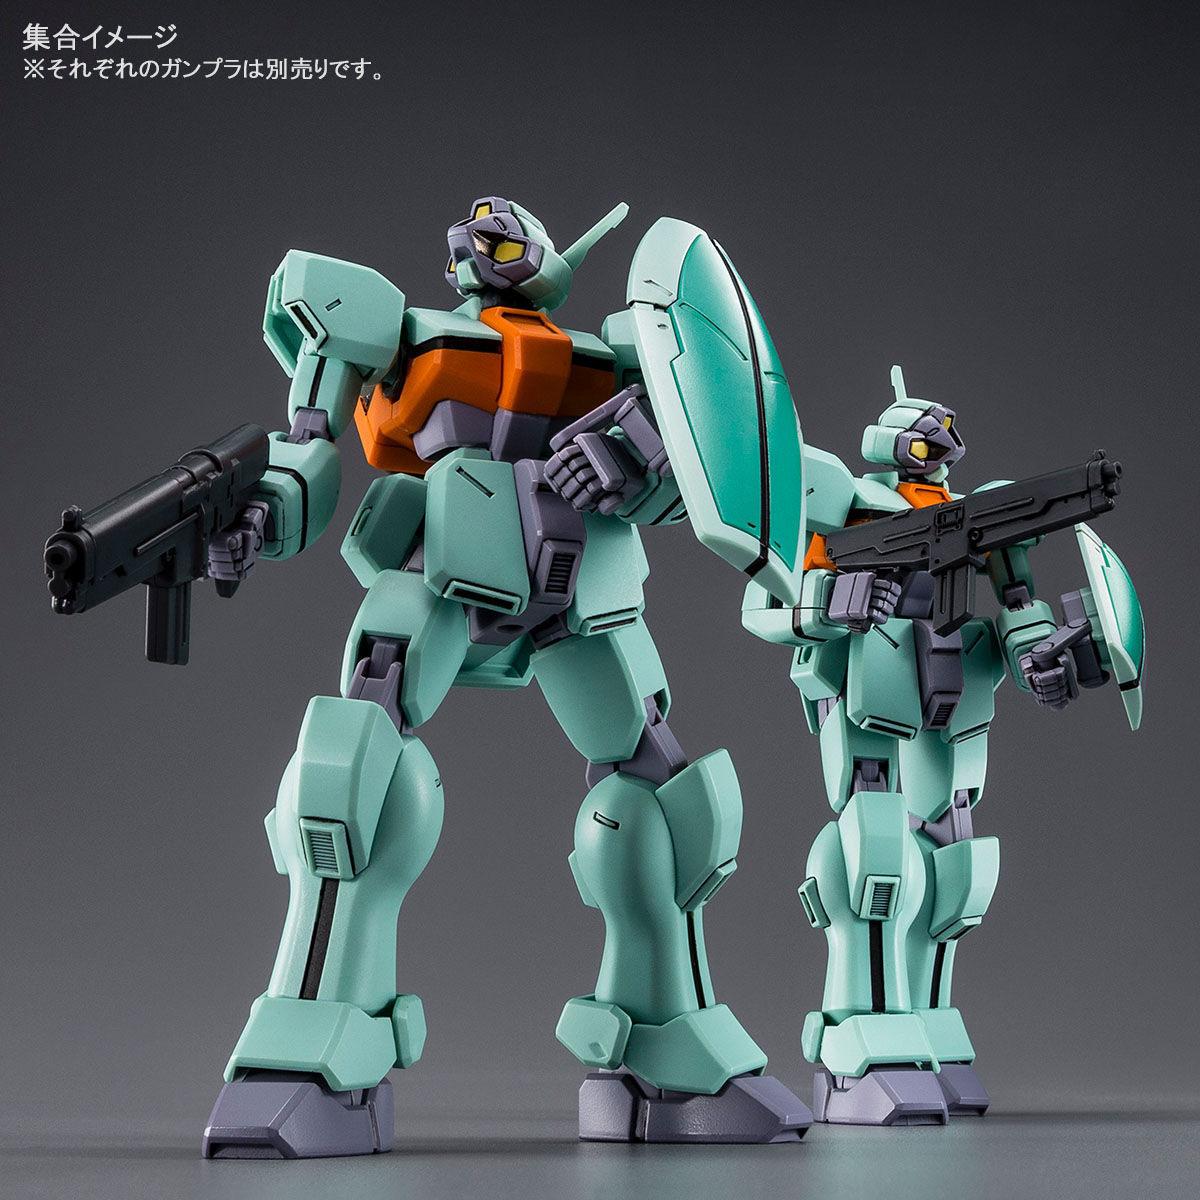 【限定販売】HG 1/144『ドートレス』ガンダムX プラモデル-007